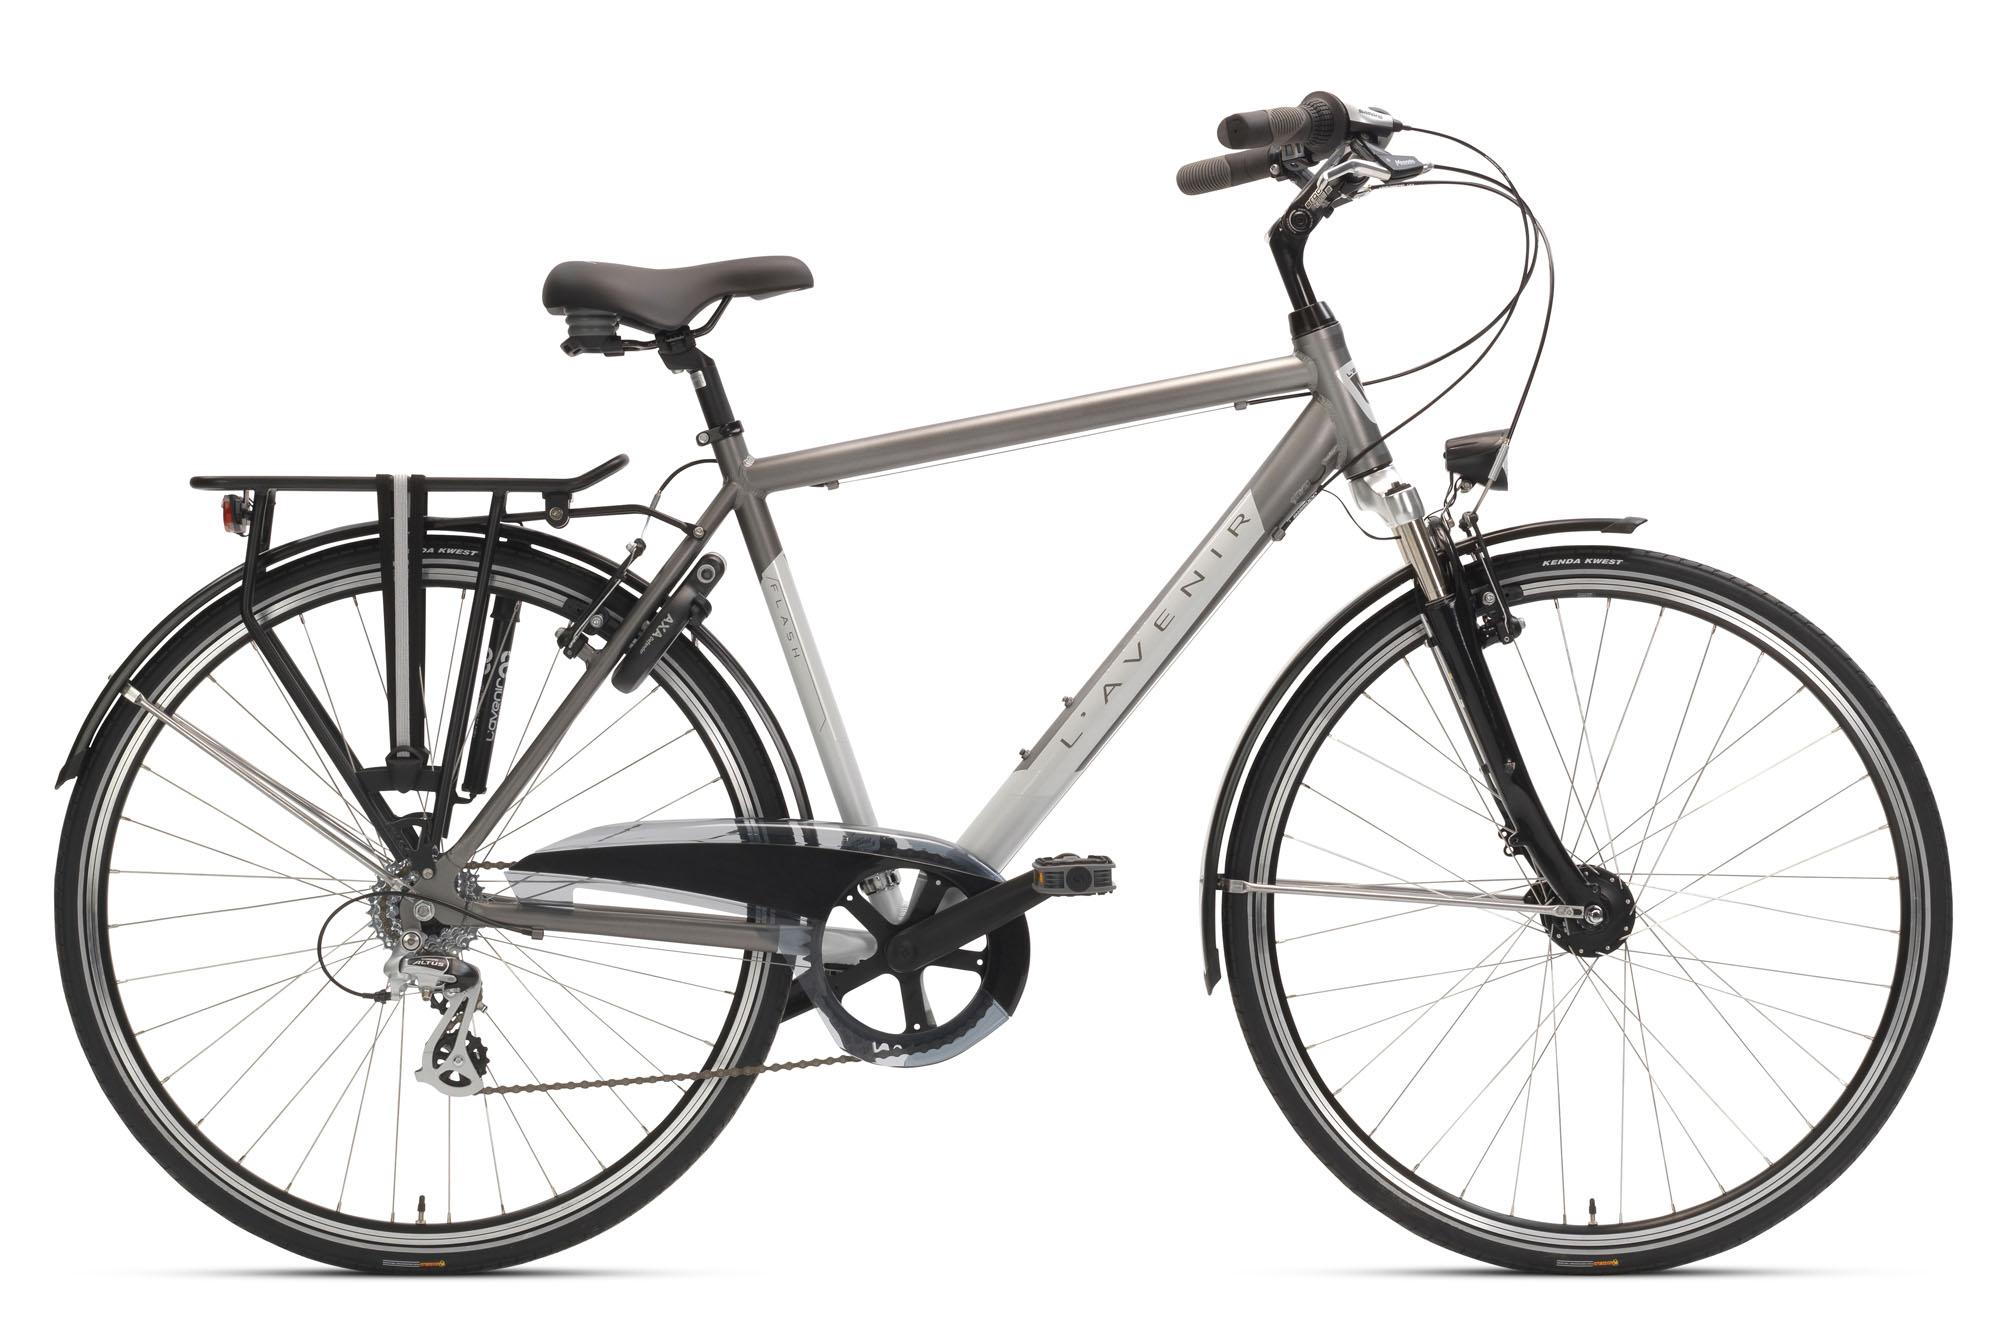 Met de FLASH fiets je veilig in het donker, dankzij de hoogreflecterende spatborden en stickers op het frame en de voorvork. Je beschikt ook altijd over veilige verlichting zonder batterijen, dankzij de voor- en achterlichten met standlichtfunctie op naafdynamo. De 7 versnellingen en aluminium V-brakes maken de FLASH snel en wendbaar voor een soepele rit doorheen de stad.